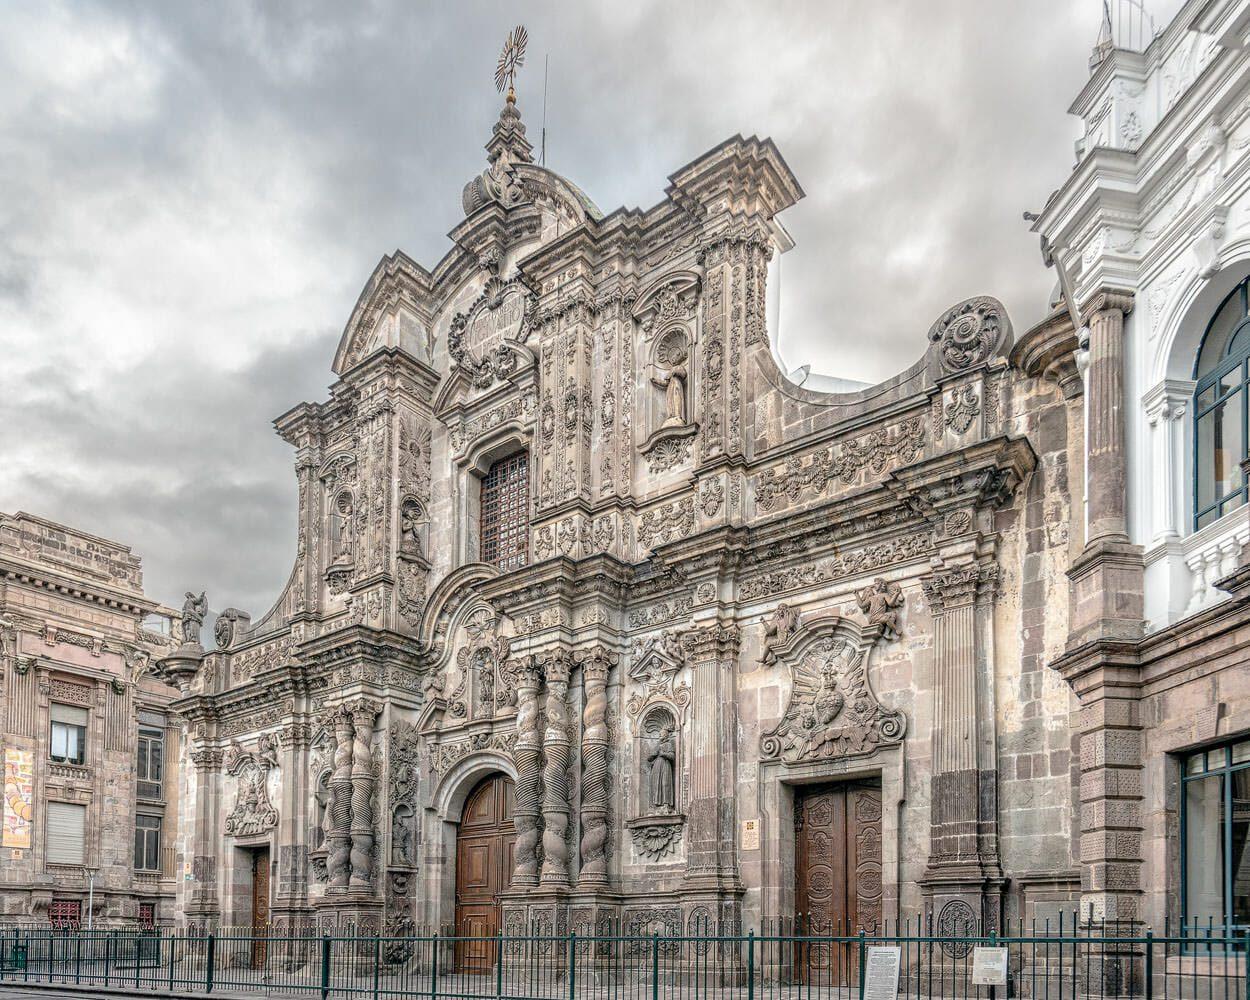 Quito facade of La Compania Jesuit church 6:30 AM